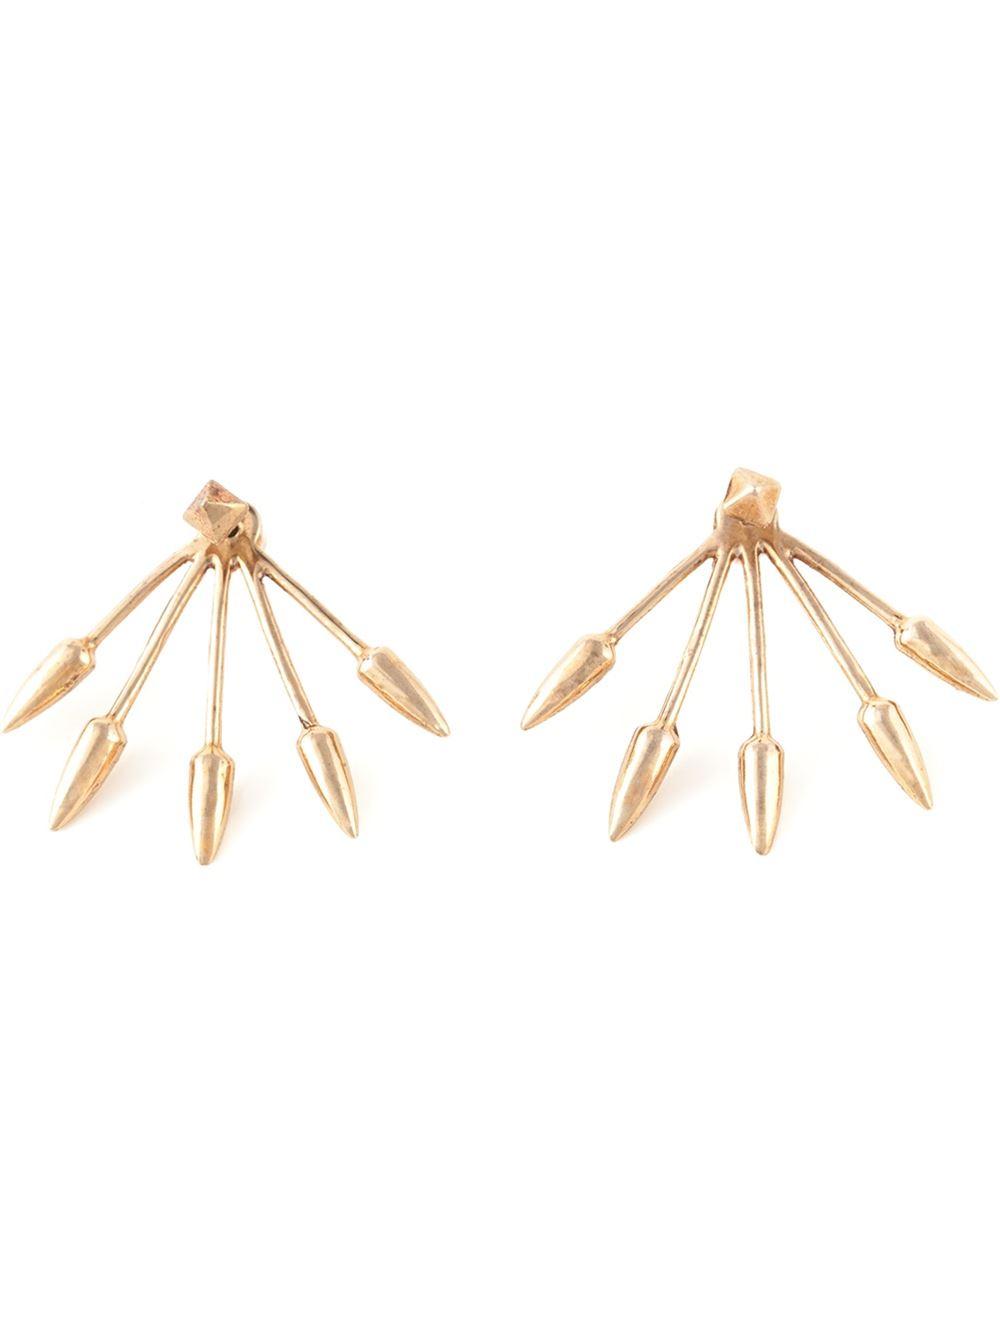 Pamela love Five Spike Stud Lobe Earrings in Pink